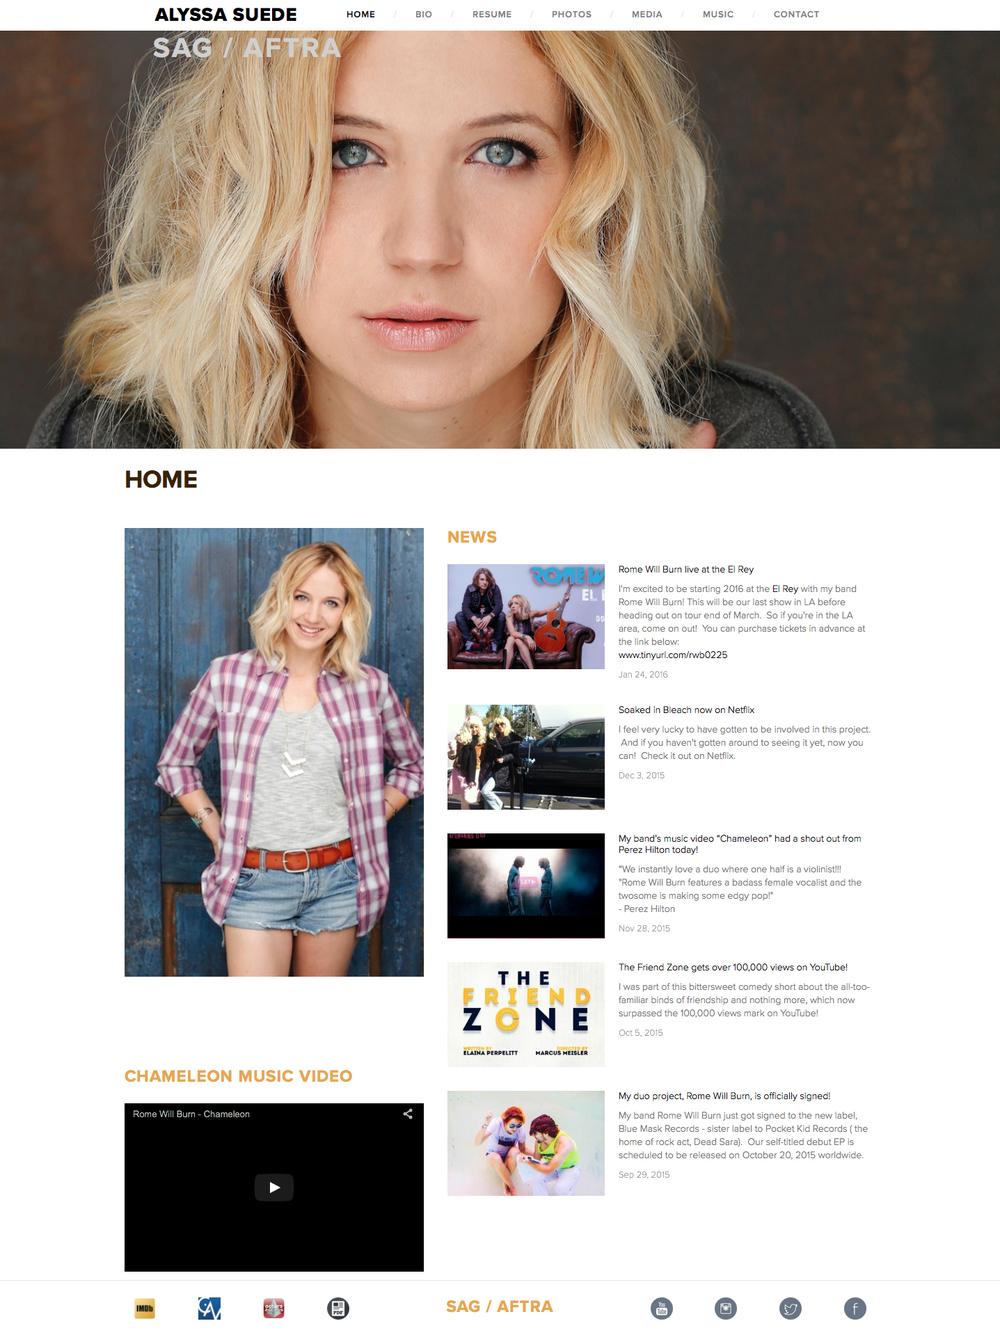 Suede_Homepage.jpg